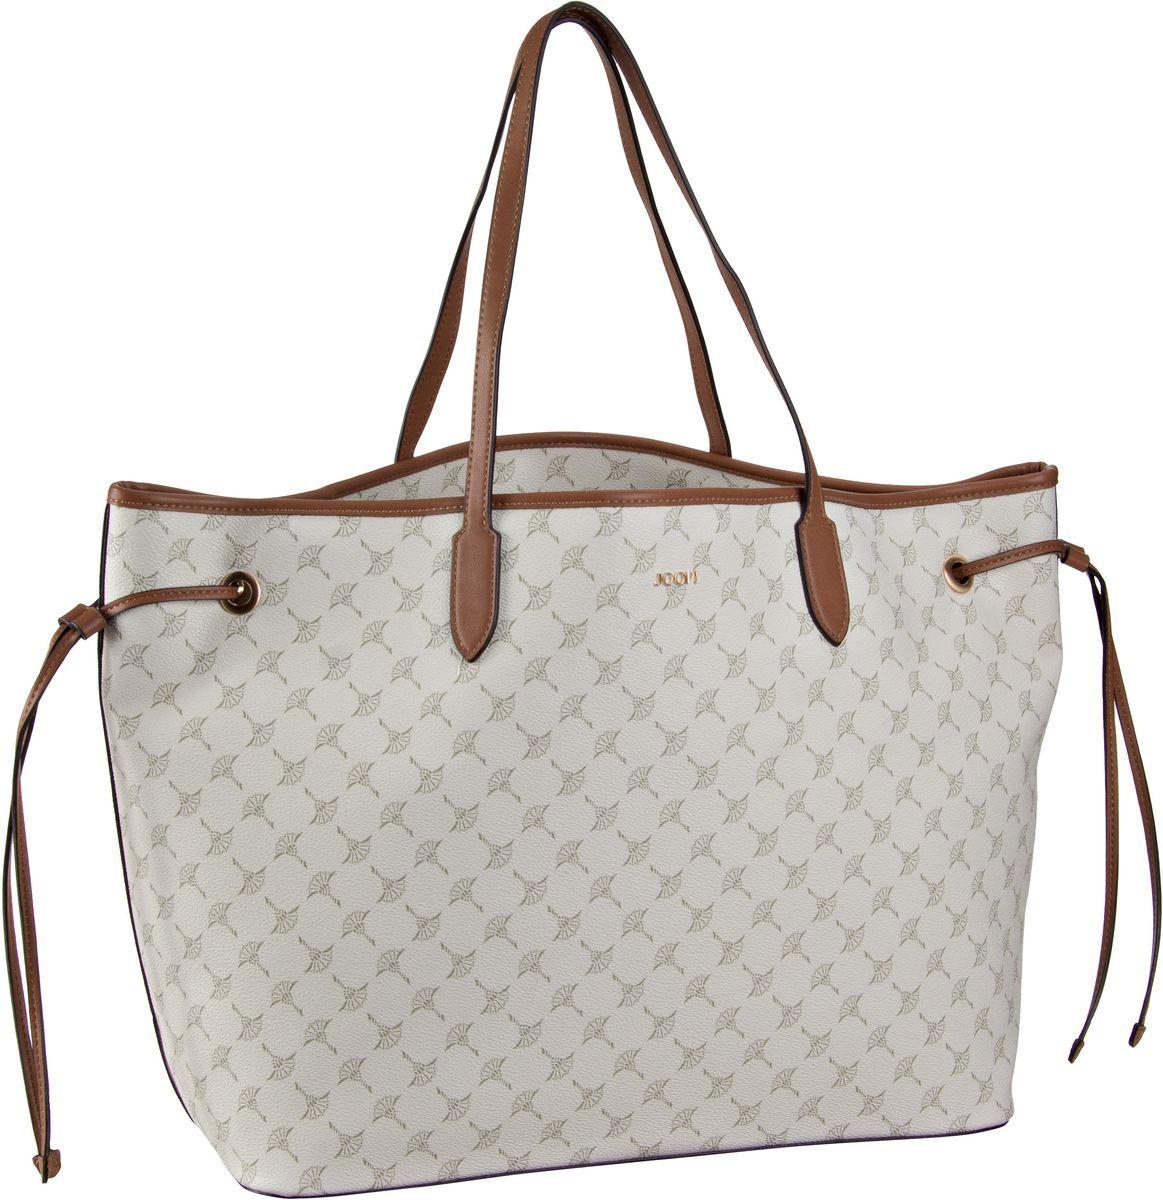 attraktive Designs Gedanken an Luxusmode Taschenkaufhaus Joop Lara Cortina Shopper Large Offwhite ...